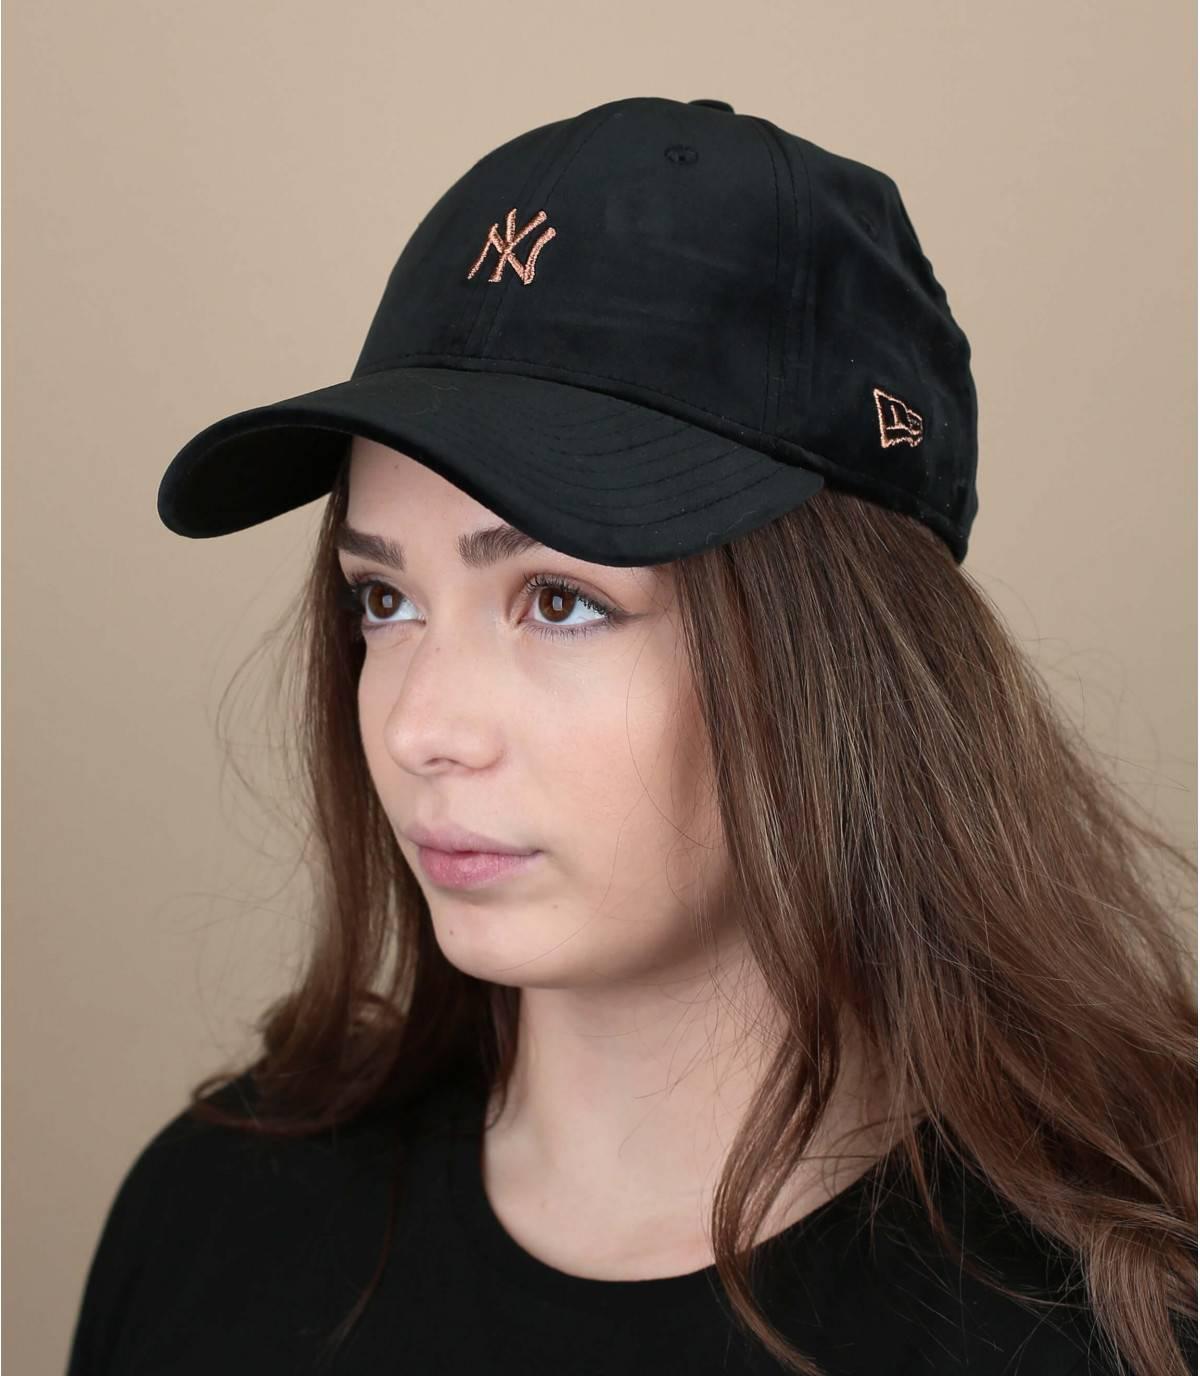 cappellino femme noir